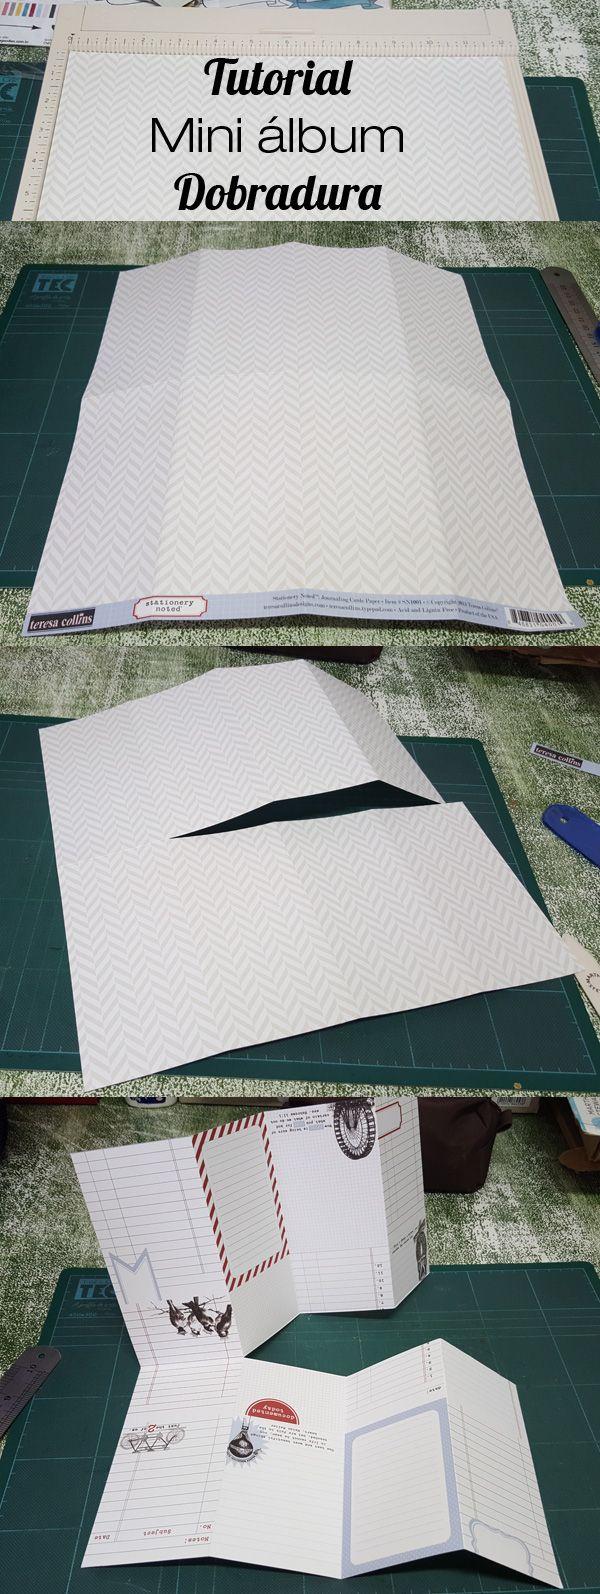 Tutorial de mini álbum dobradura de scrapbook. Apenas um papel para o miolo e para a capa. Decore como desejar. Chevron e fitas.